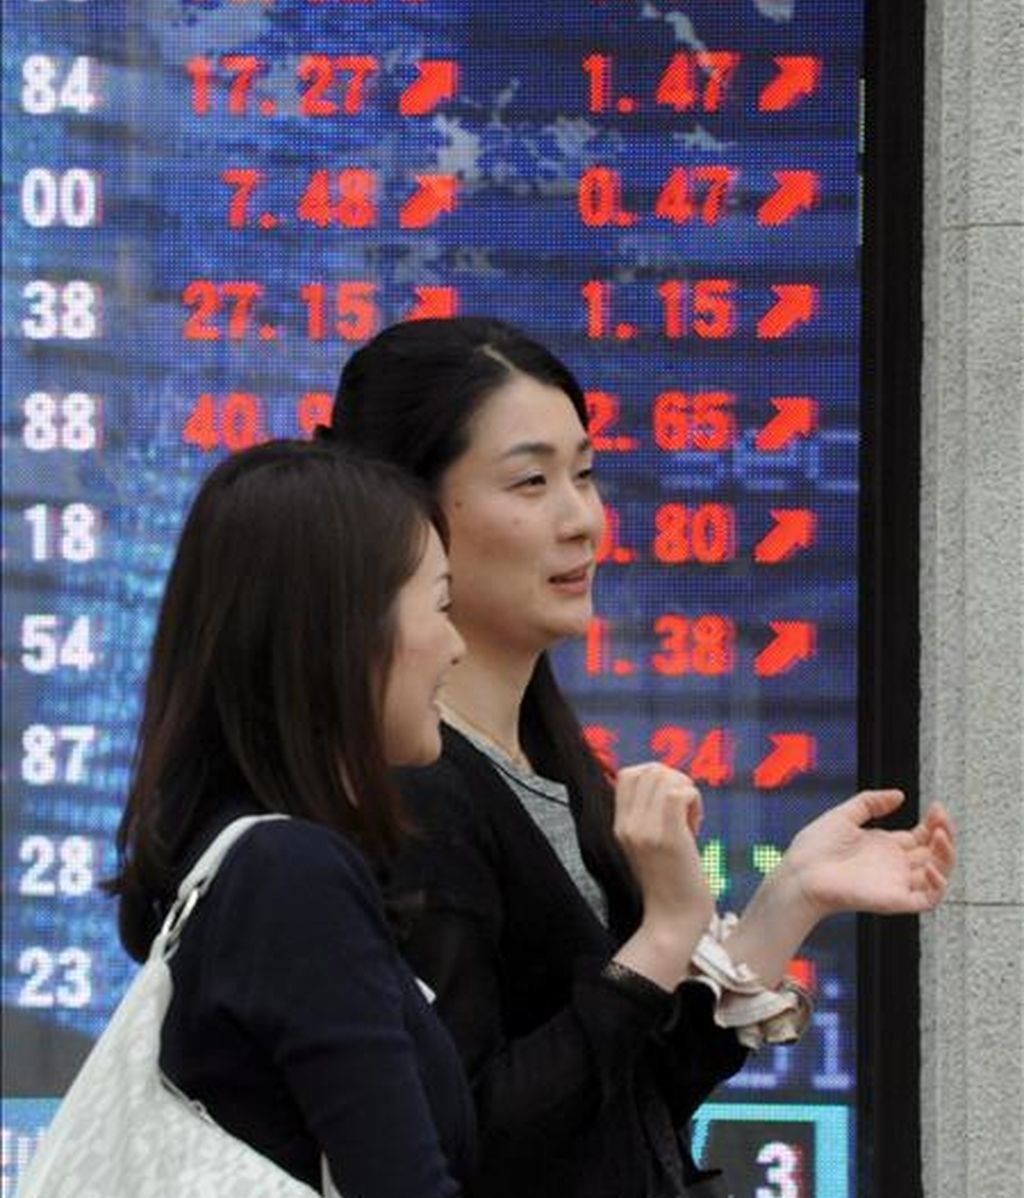 Dos jóvenes pasan una pantalla electrónico con el valor del índice Nikkei, en el centro de Tokio. EFE